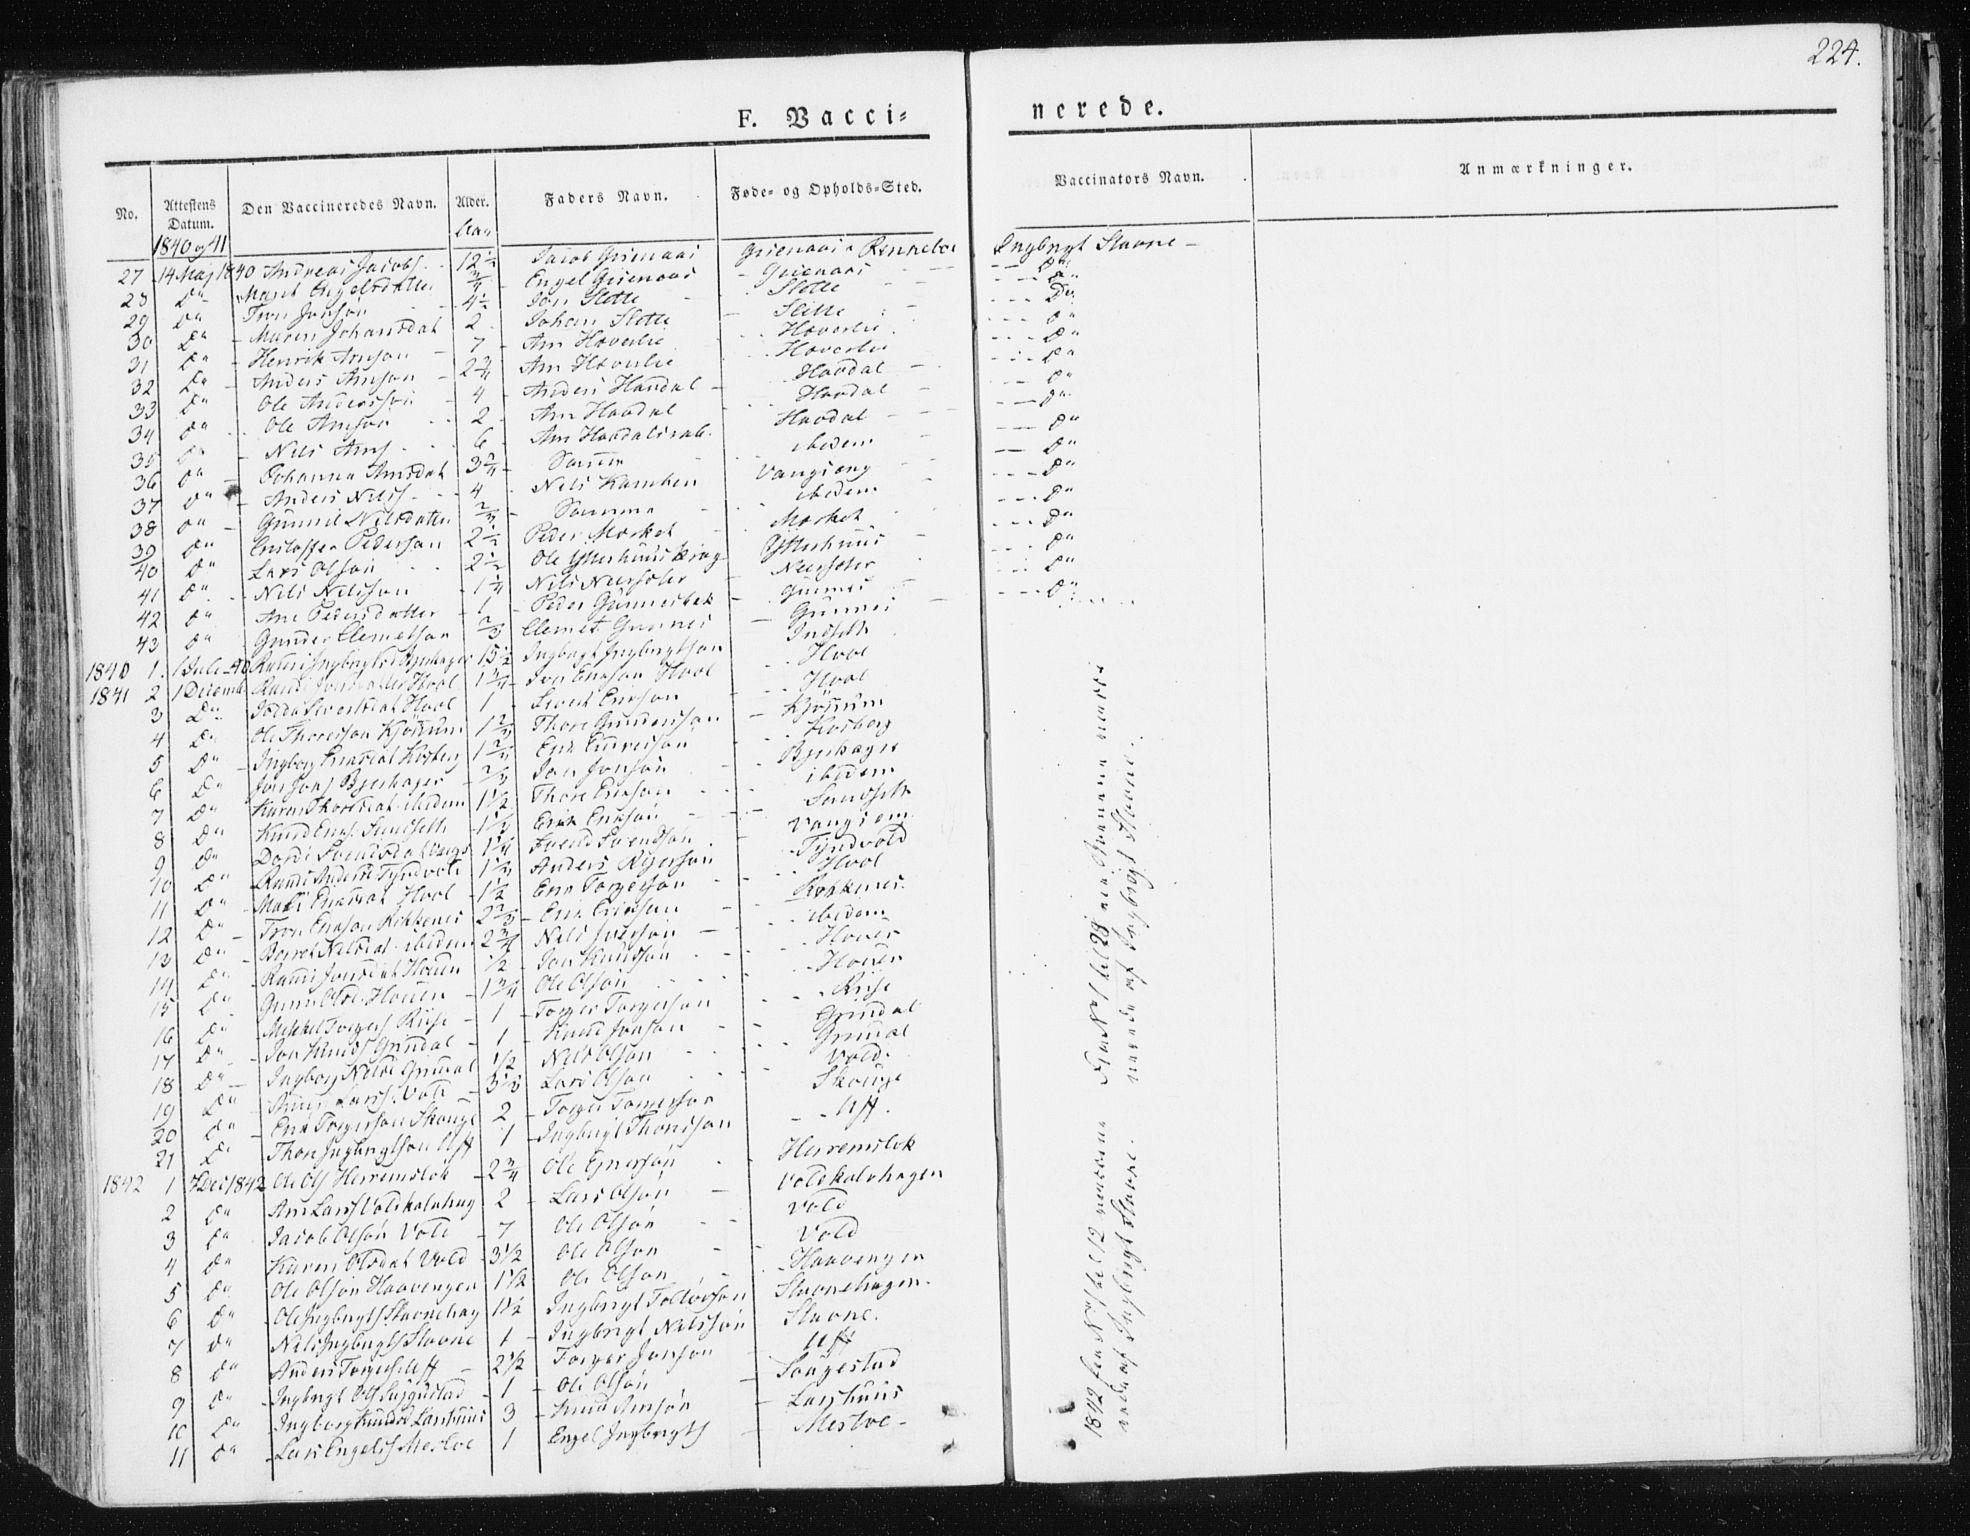 SAT, Ministerialprotokoller, klokkerbøker og fødselsregistre - Sør-Trøndelag, 674/L0869: Ministerialbok nr. 674A01, 1829-1860, s. 224